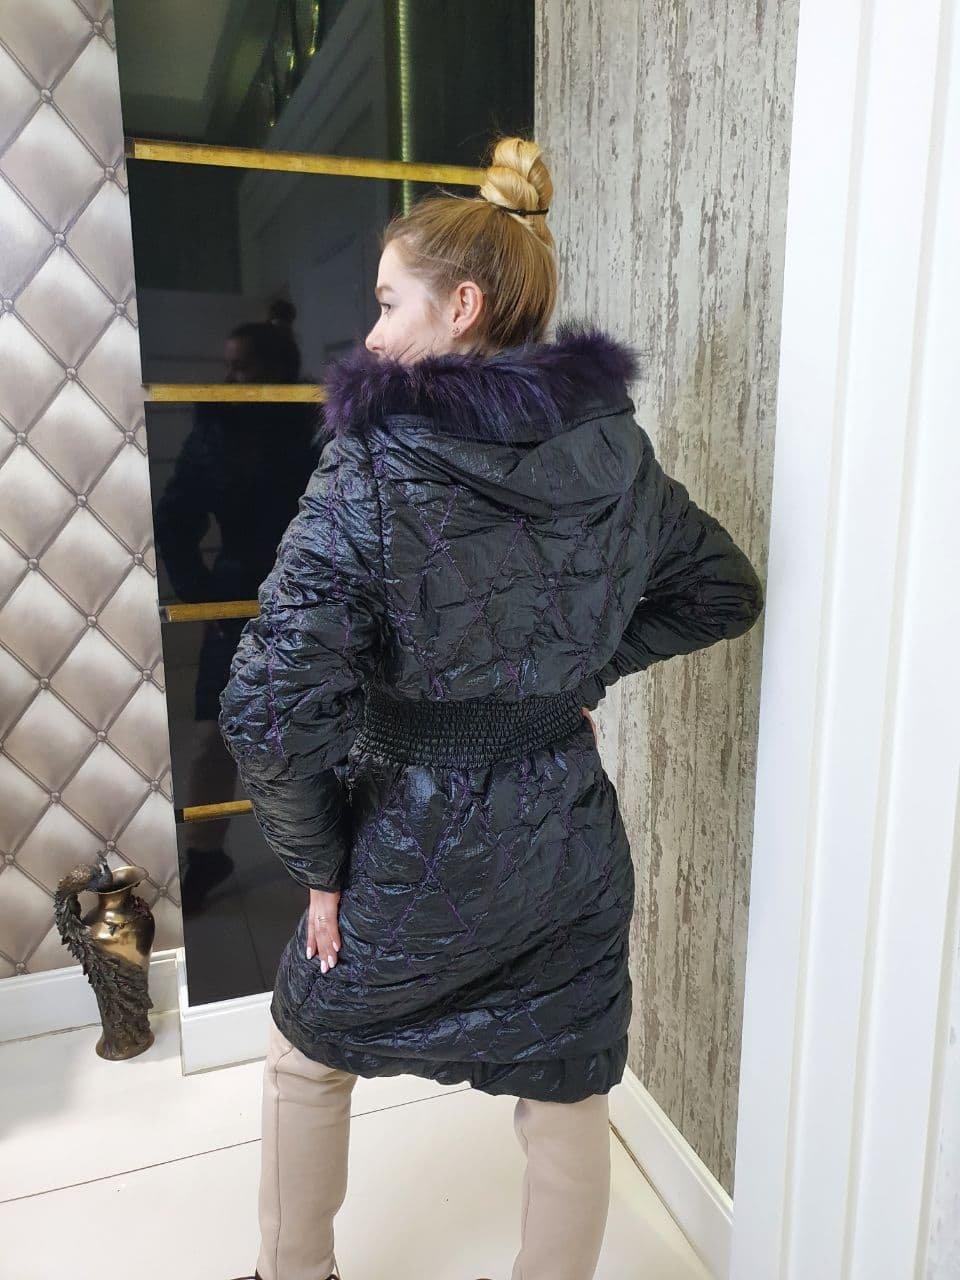 Пальто Зимнее Вышивка 10706 АРТ. 47129 Цвет: Черный - фото 2, интернет магазин tm-modus.ru